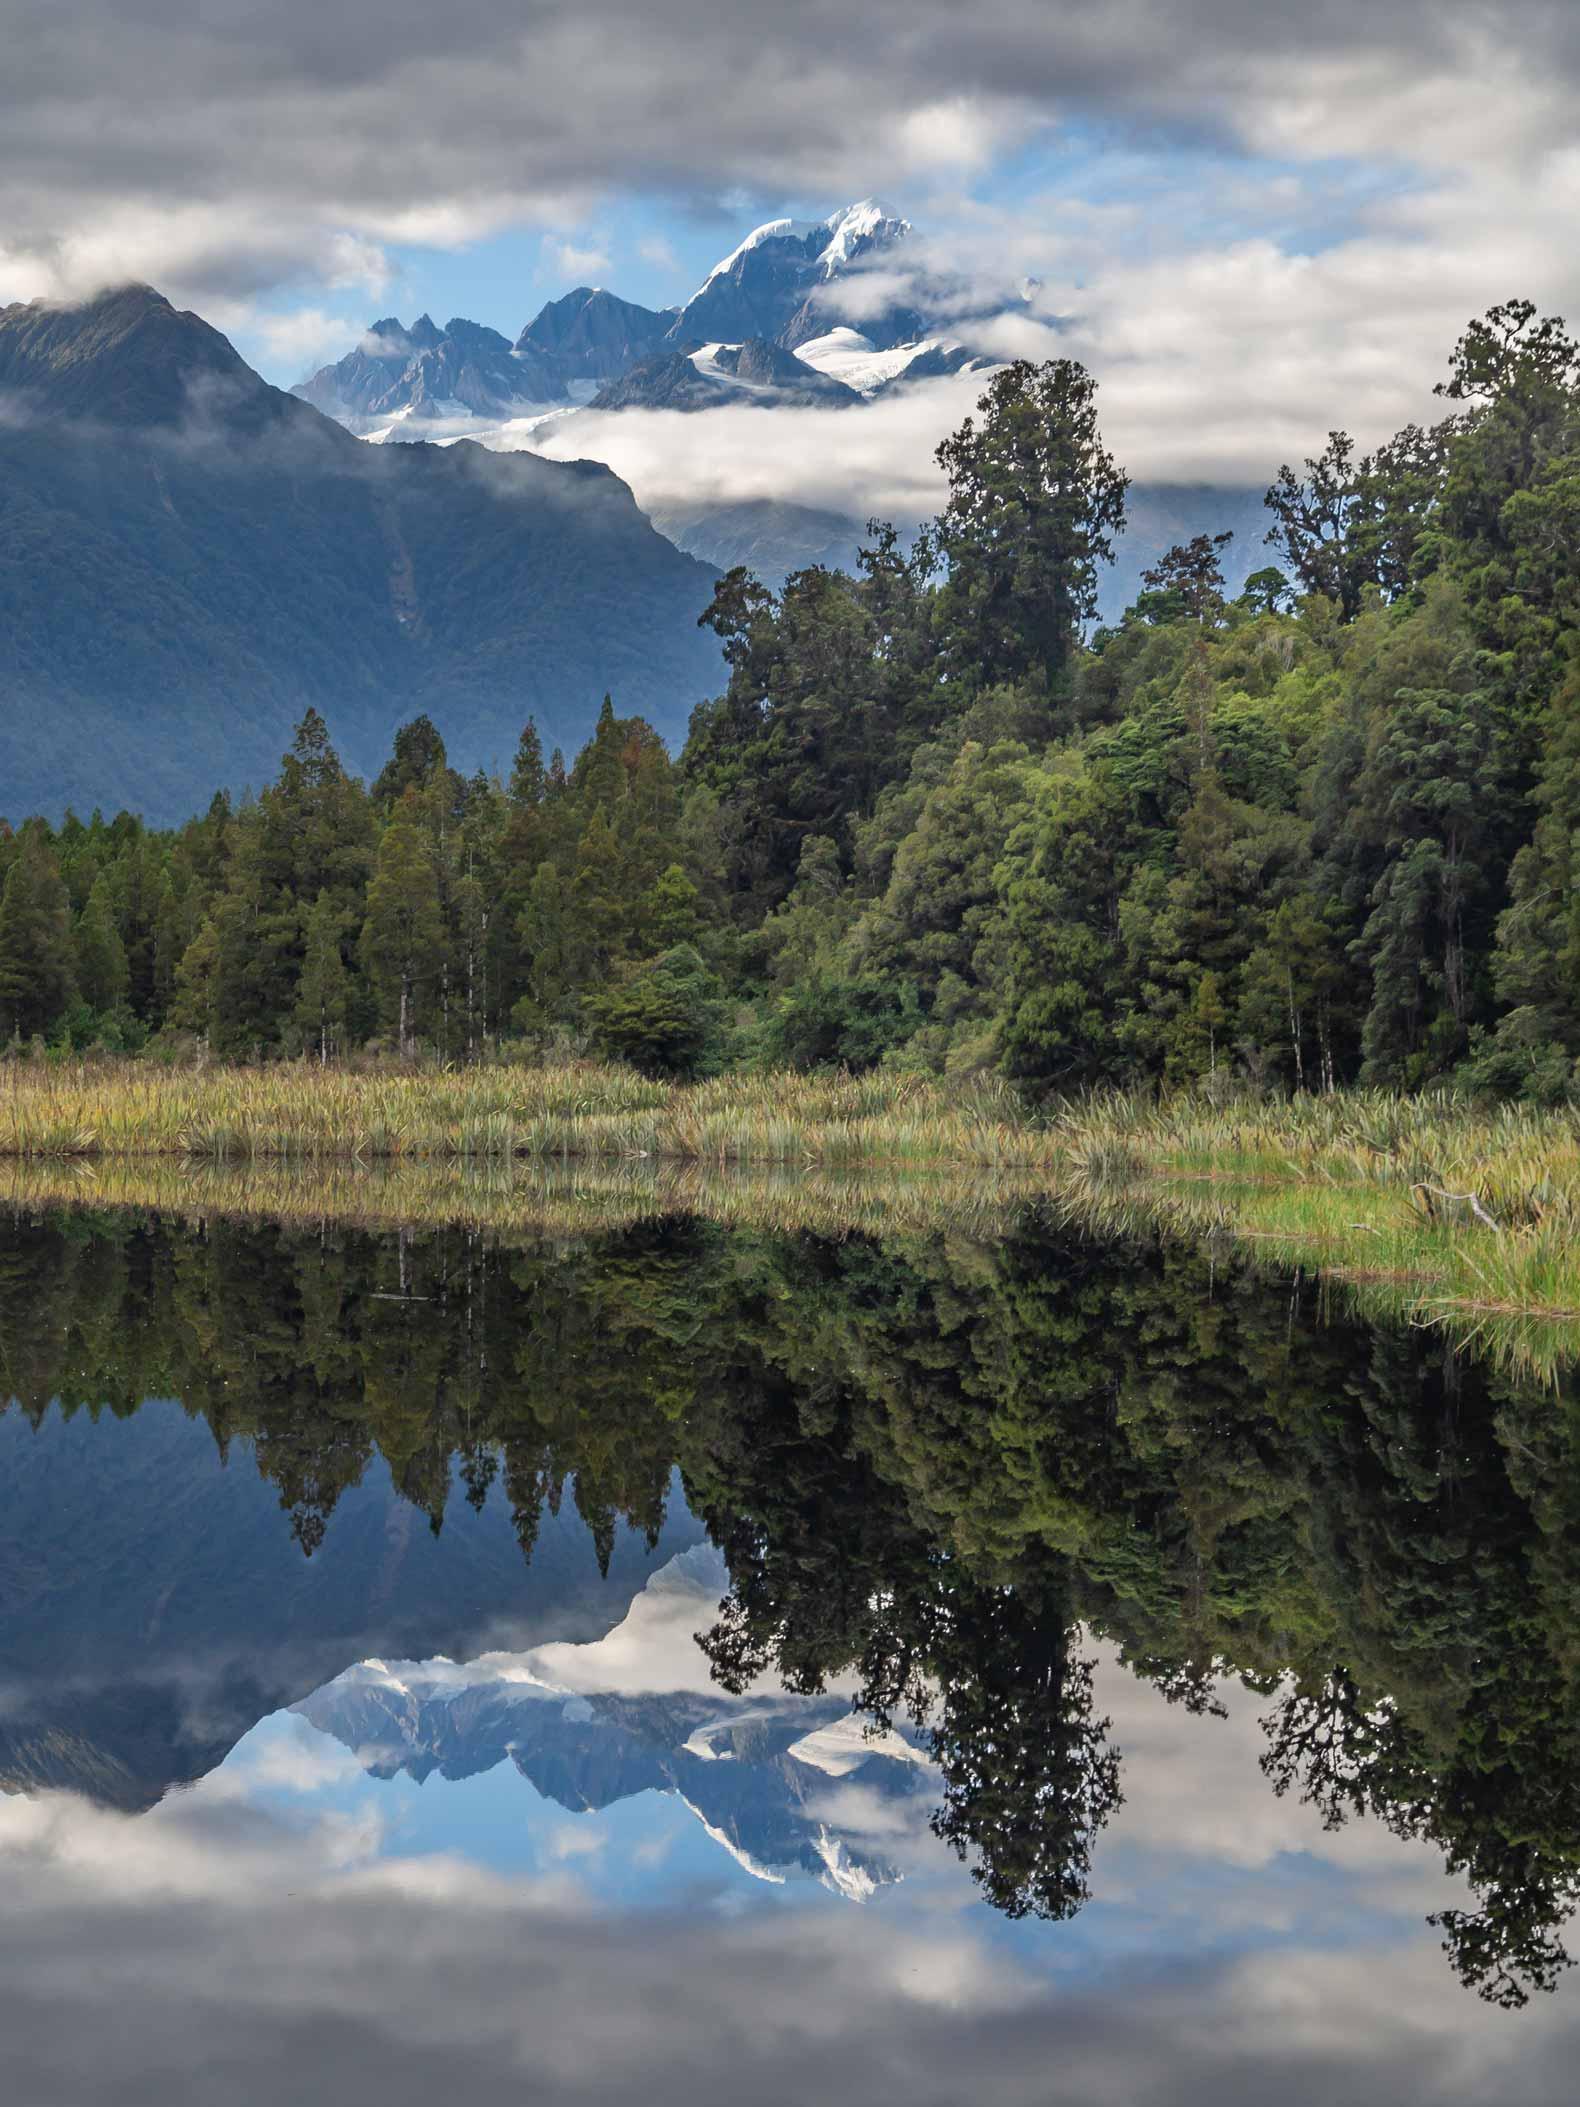 Hình ảnh sông băng Fox phản chiếu ở hồ Mattheson, New Zealand.